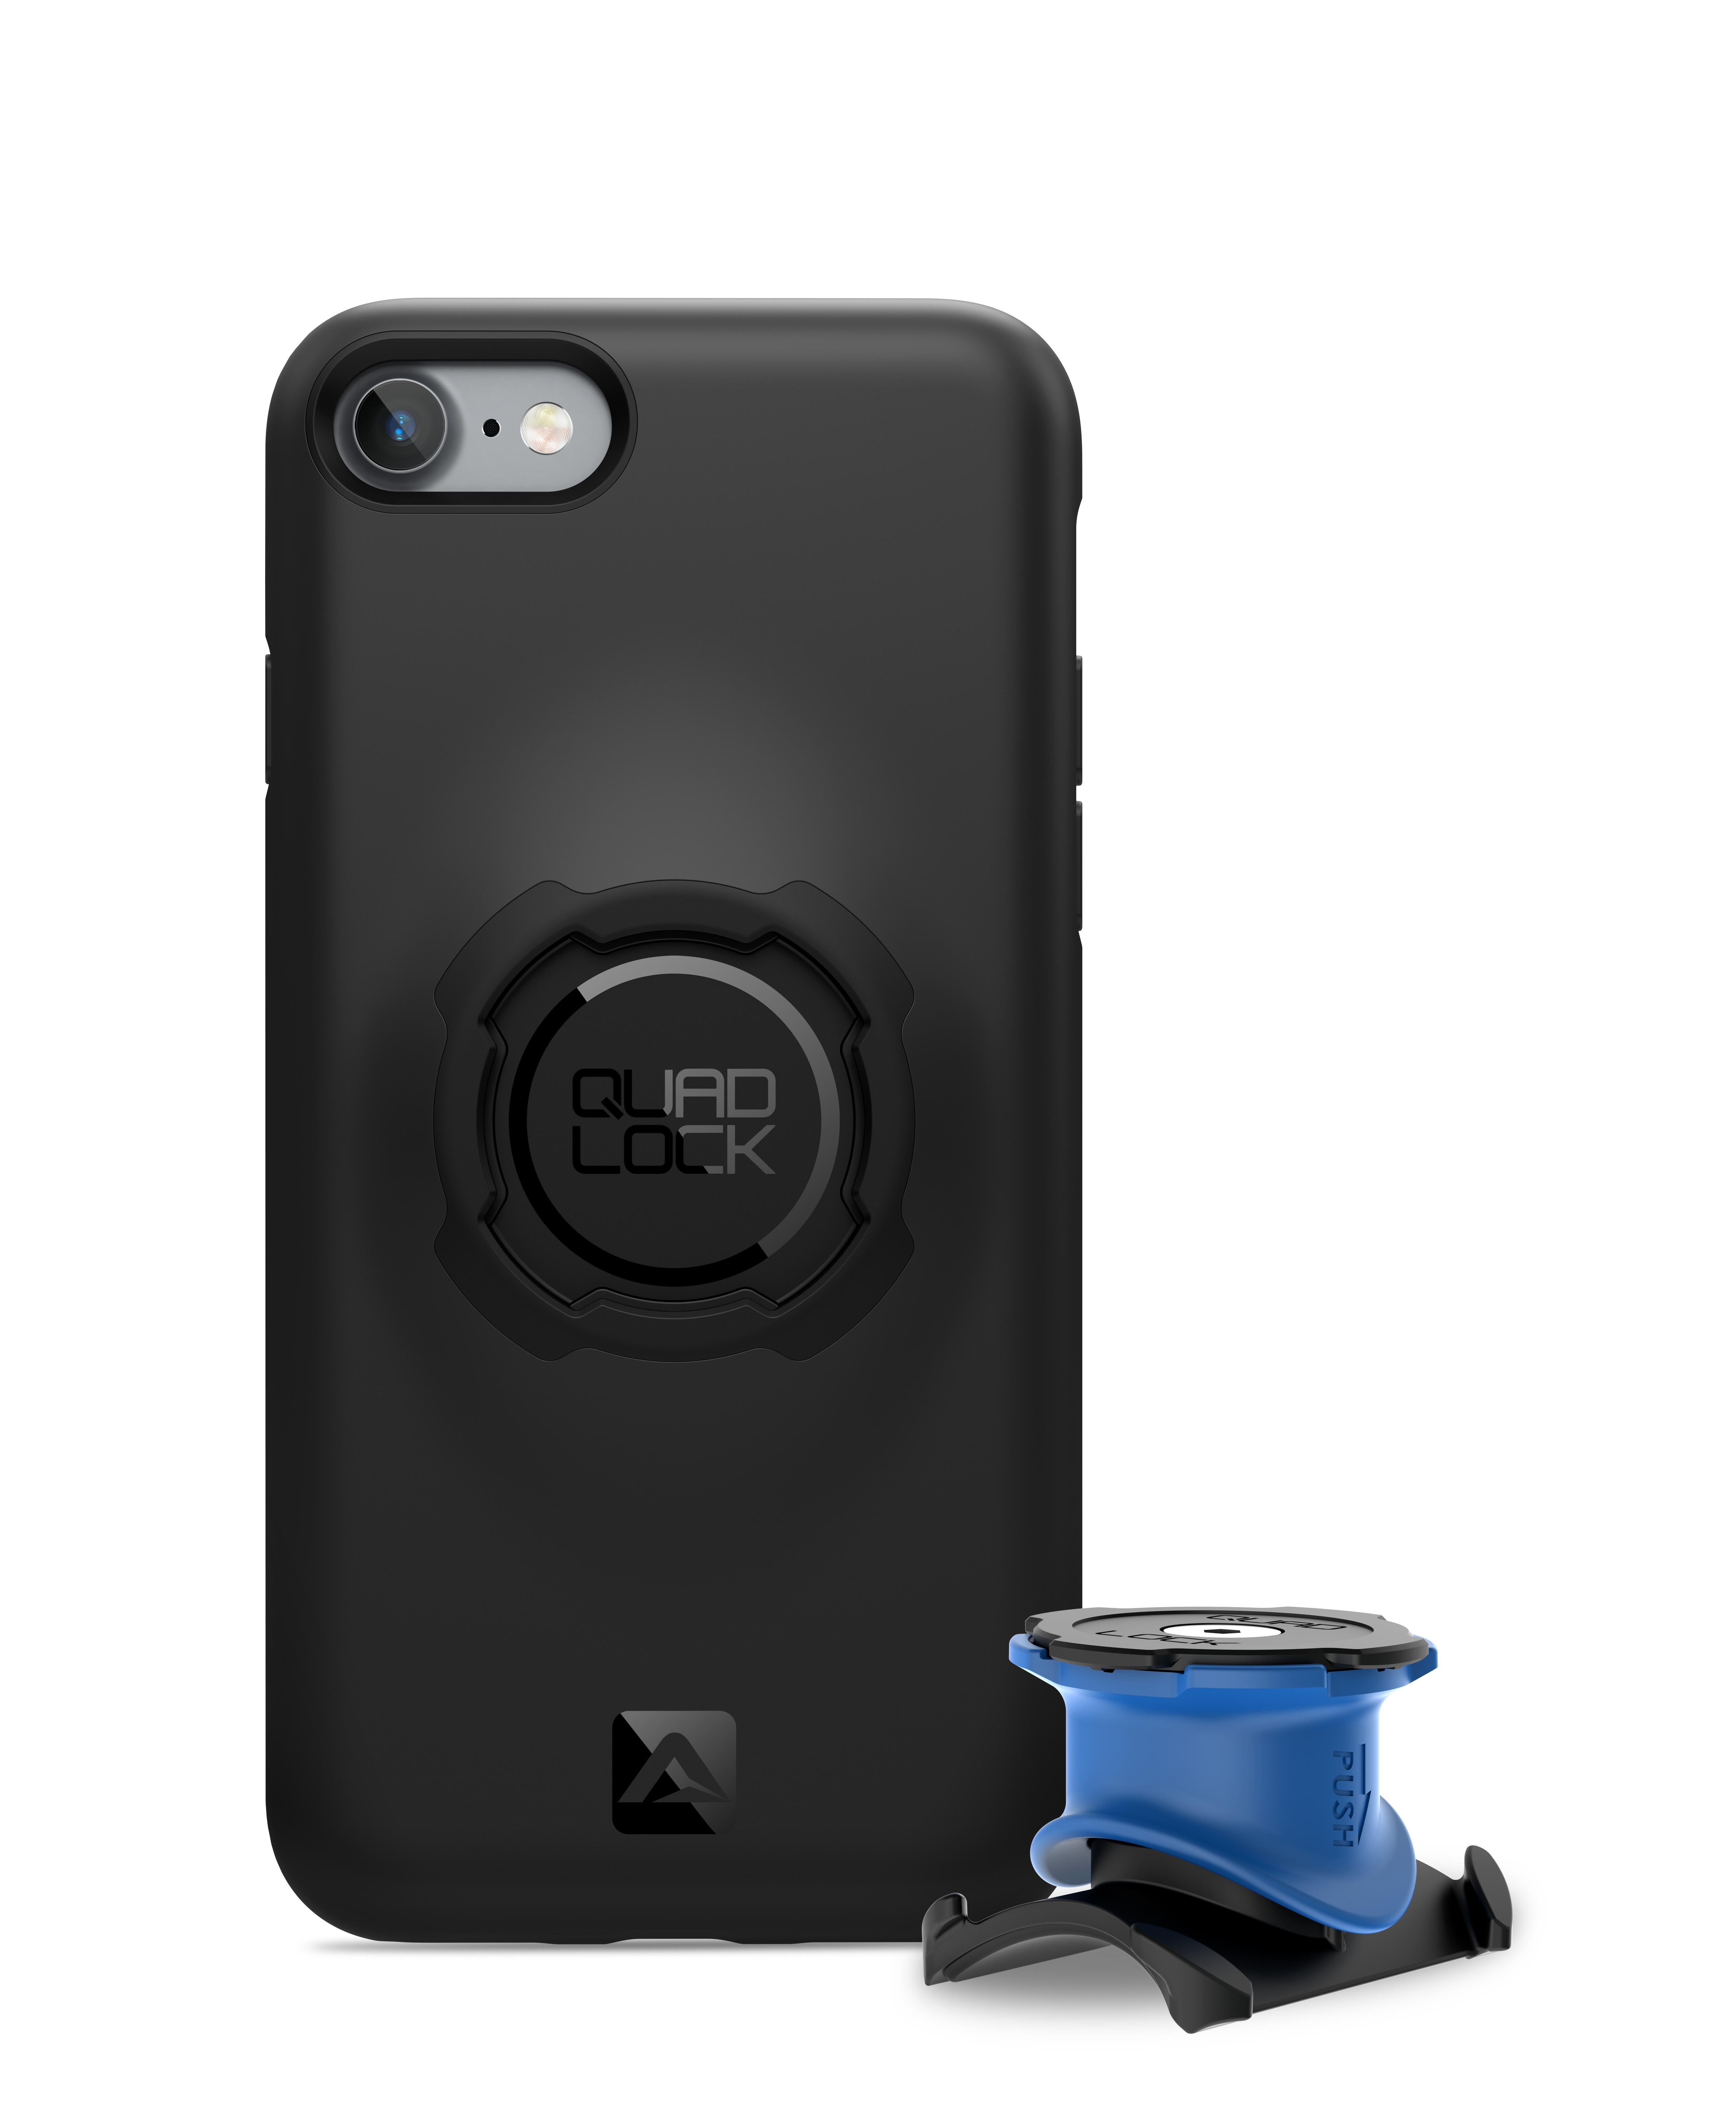 Quad Lock - Bike kit - Cover og beslag til styr/frempind - Til Samsung 8+ | Travel bags